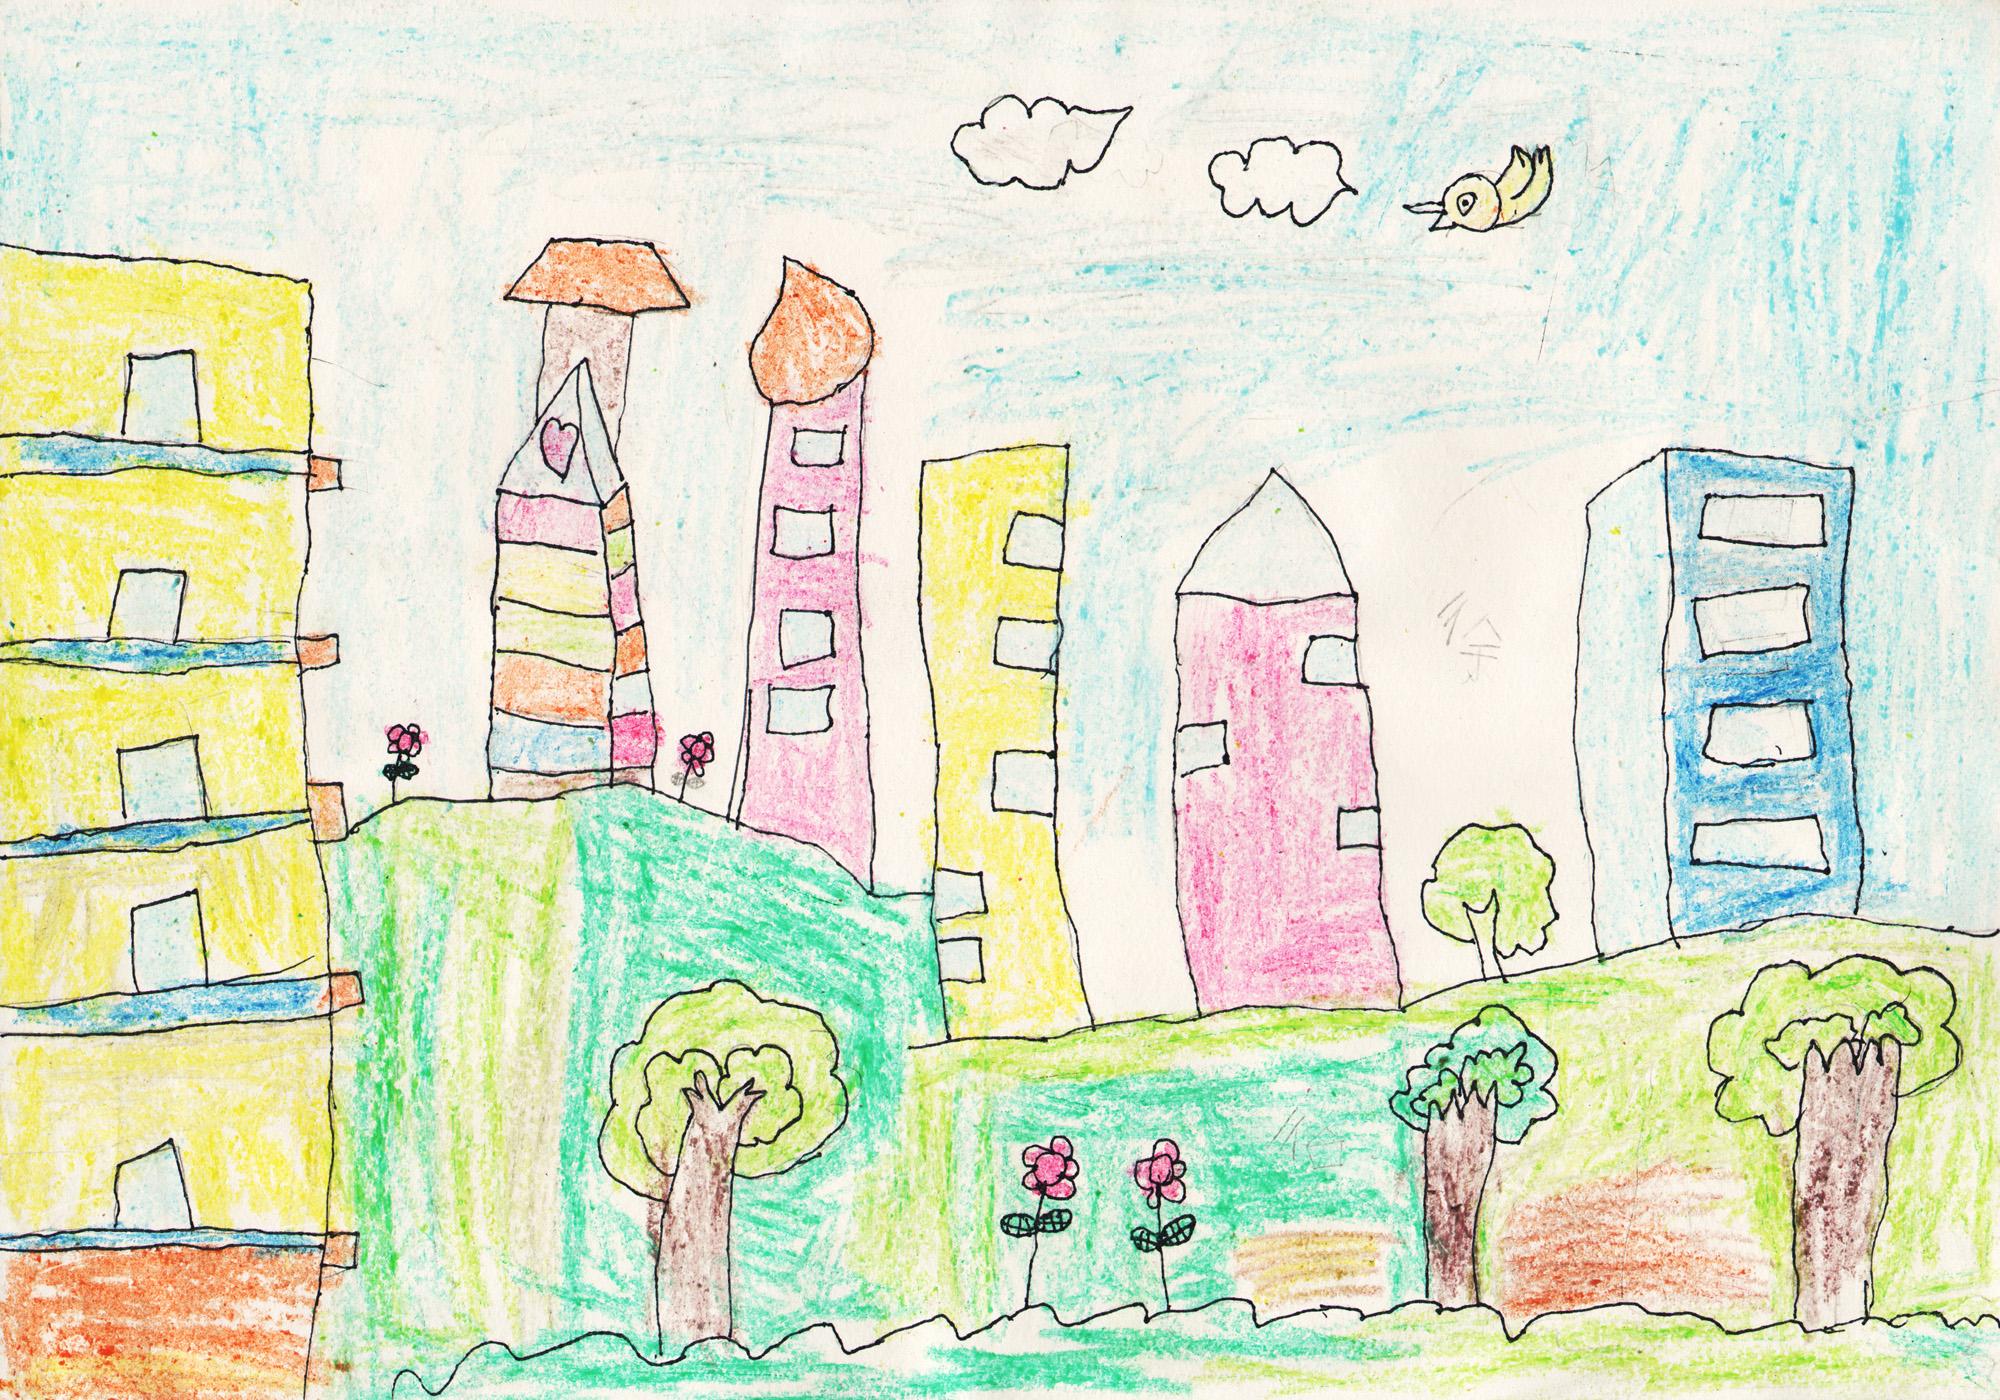 家园-蜡笔画图集3